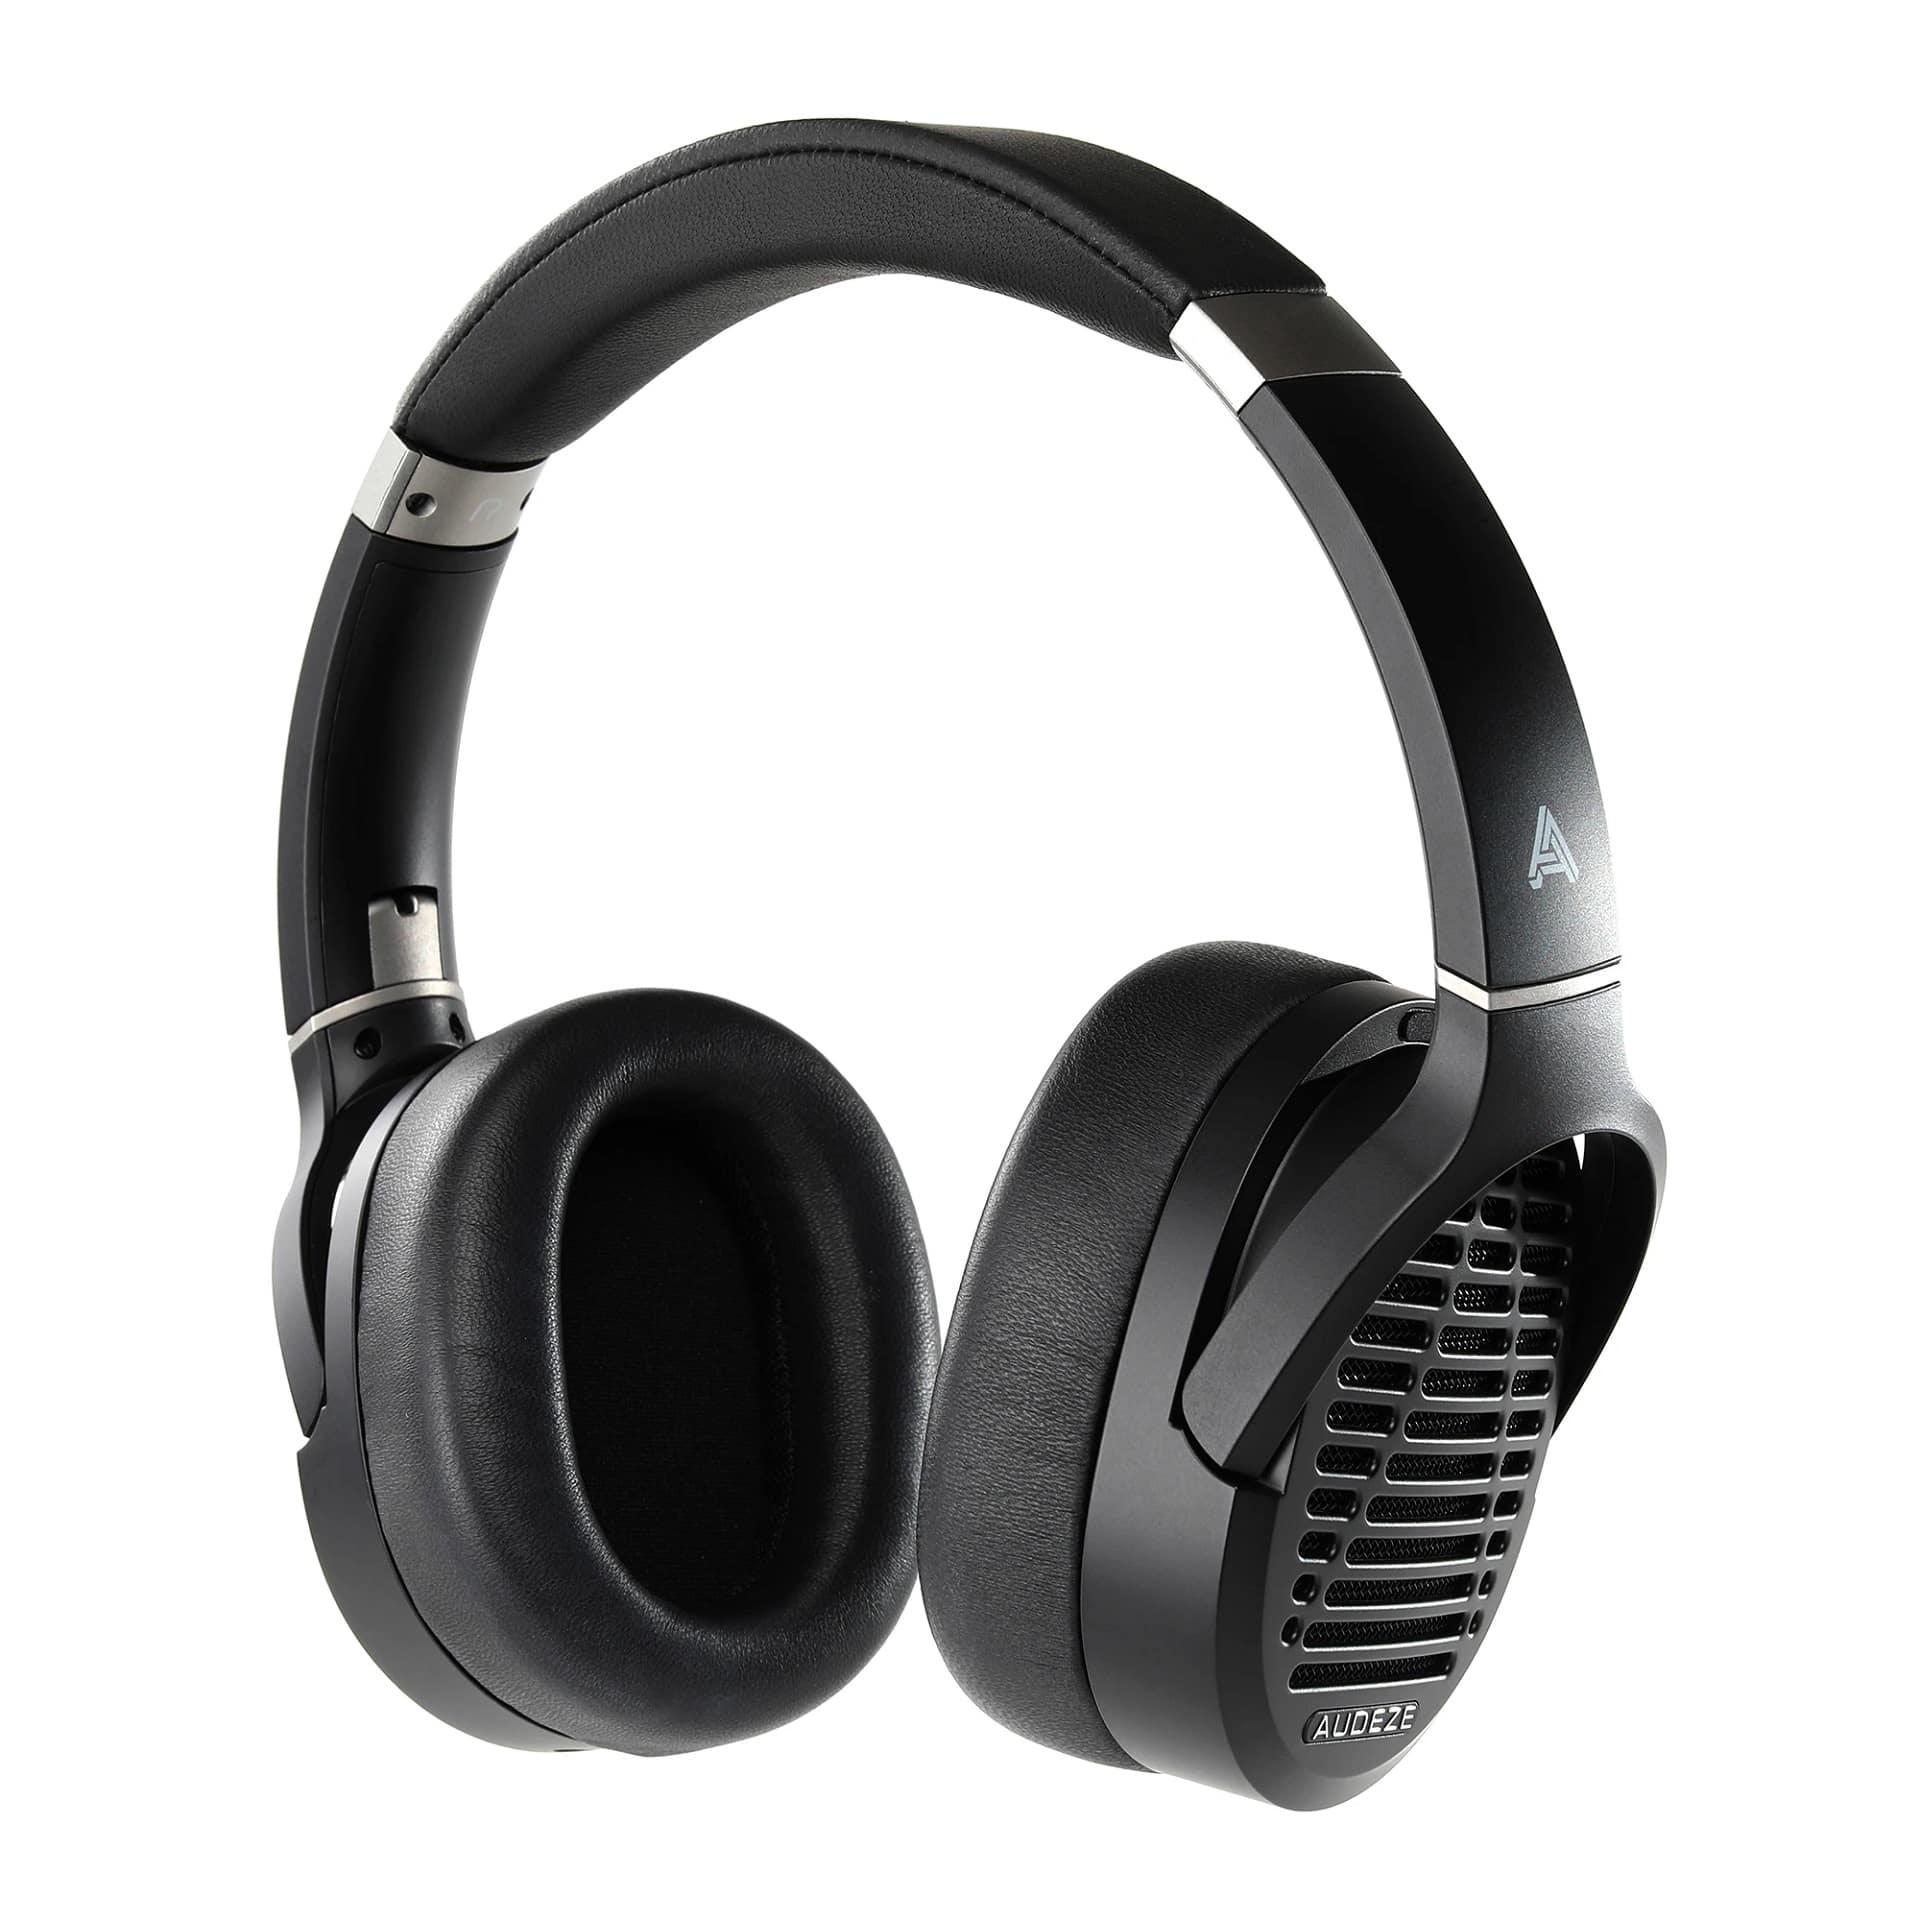 Audeze LCD-1 Review - the Best Audeze Headphones under $500